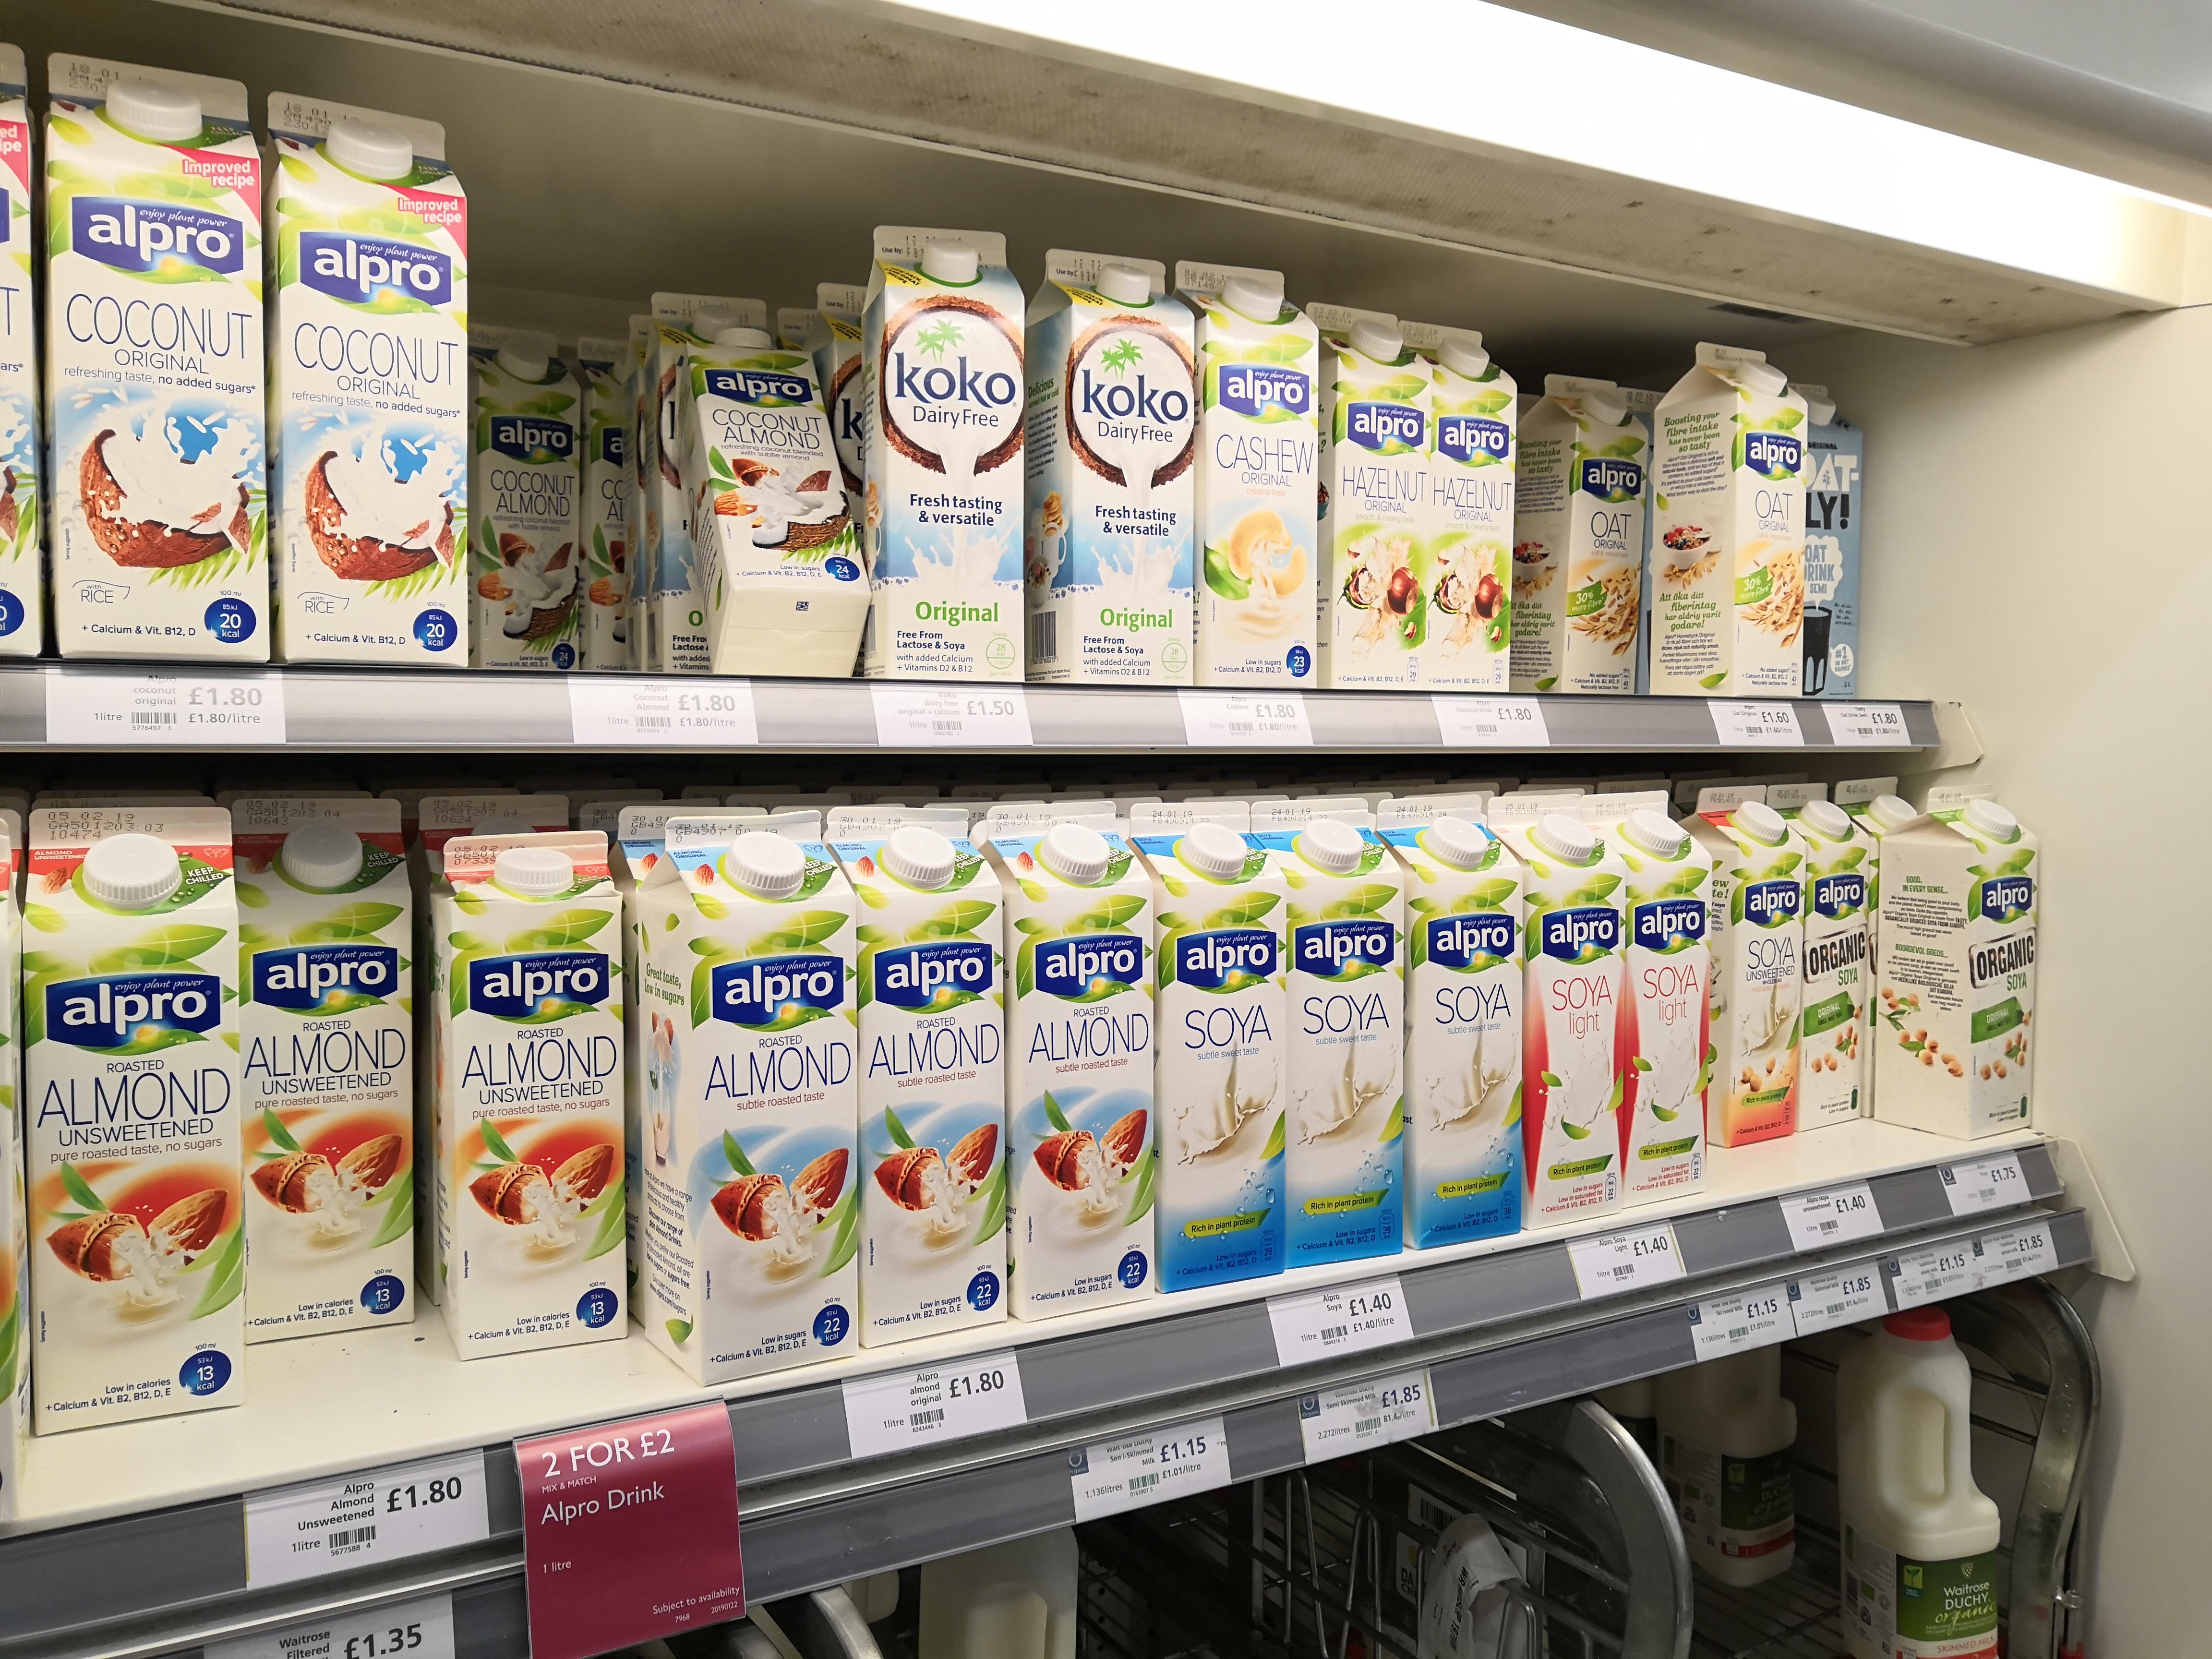 Alpro dairy-free milks (Almond, Cashew, Hazelnut, Coconut, Soya, Oat, etc) - 2 for £2 (£1.80 each) @ Waitrose & Partners